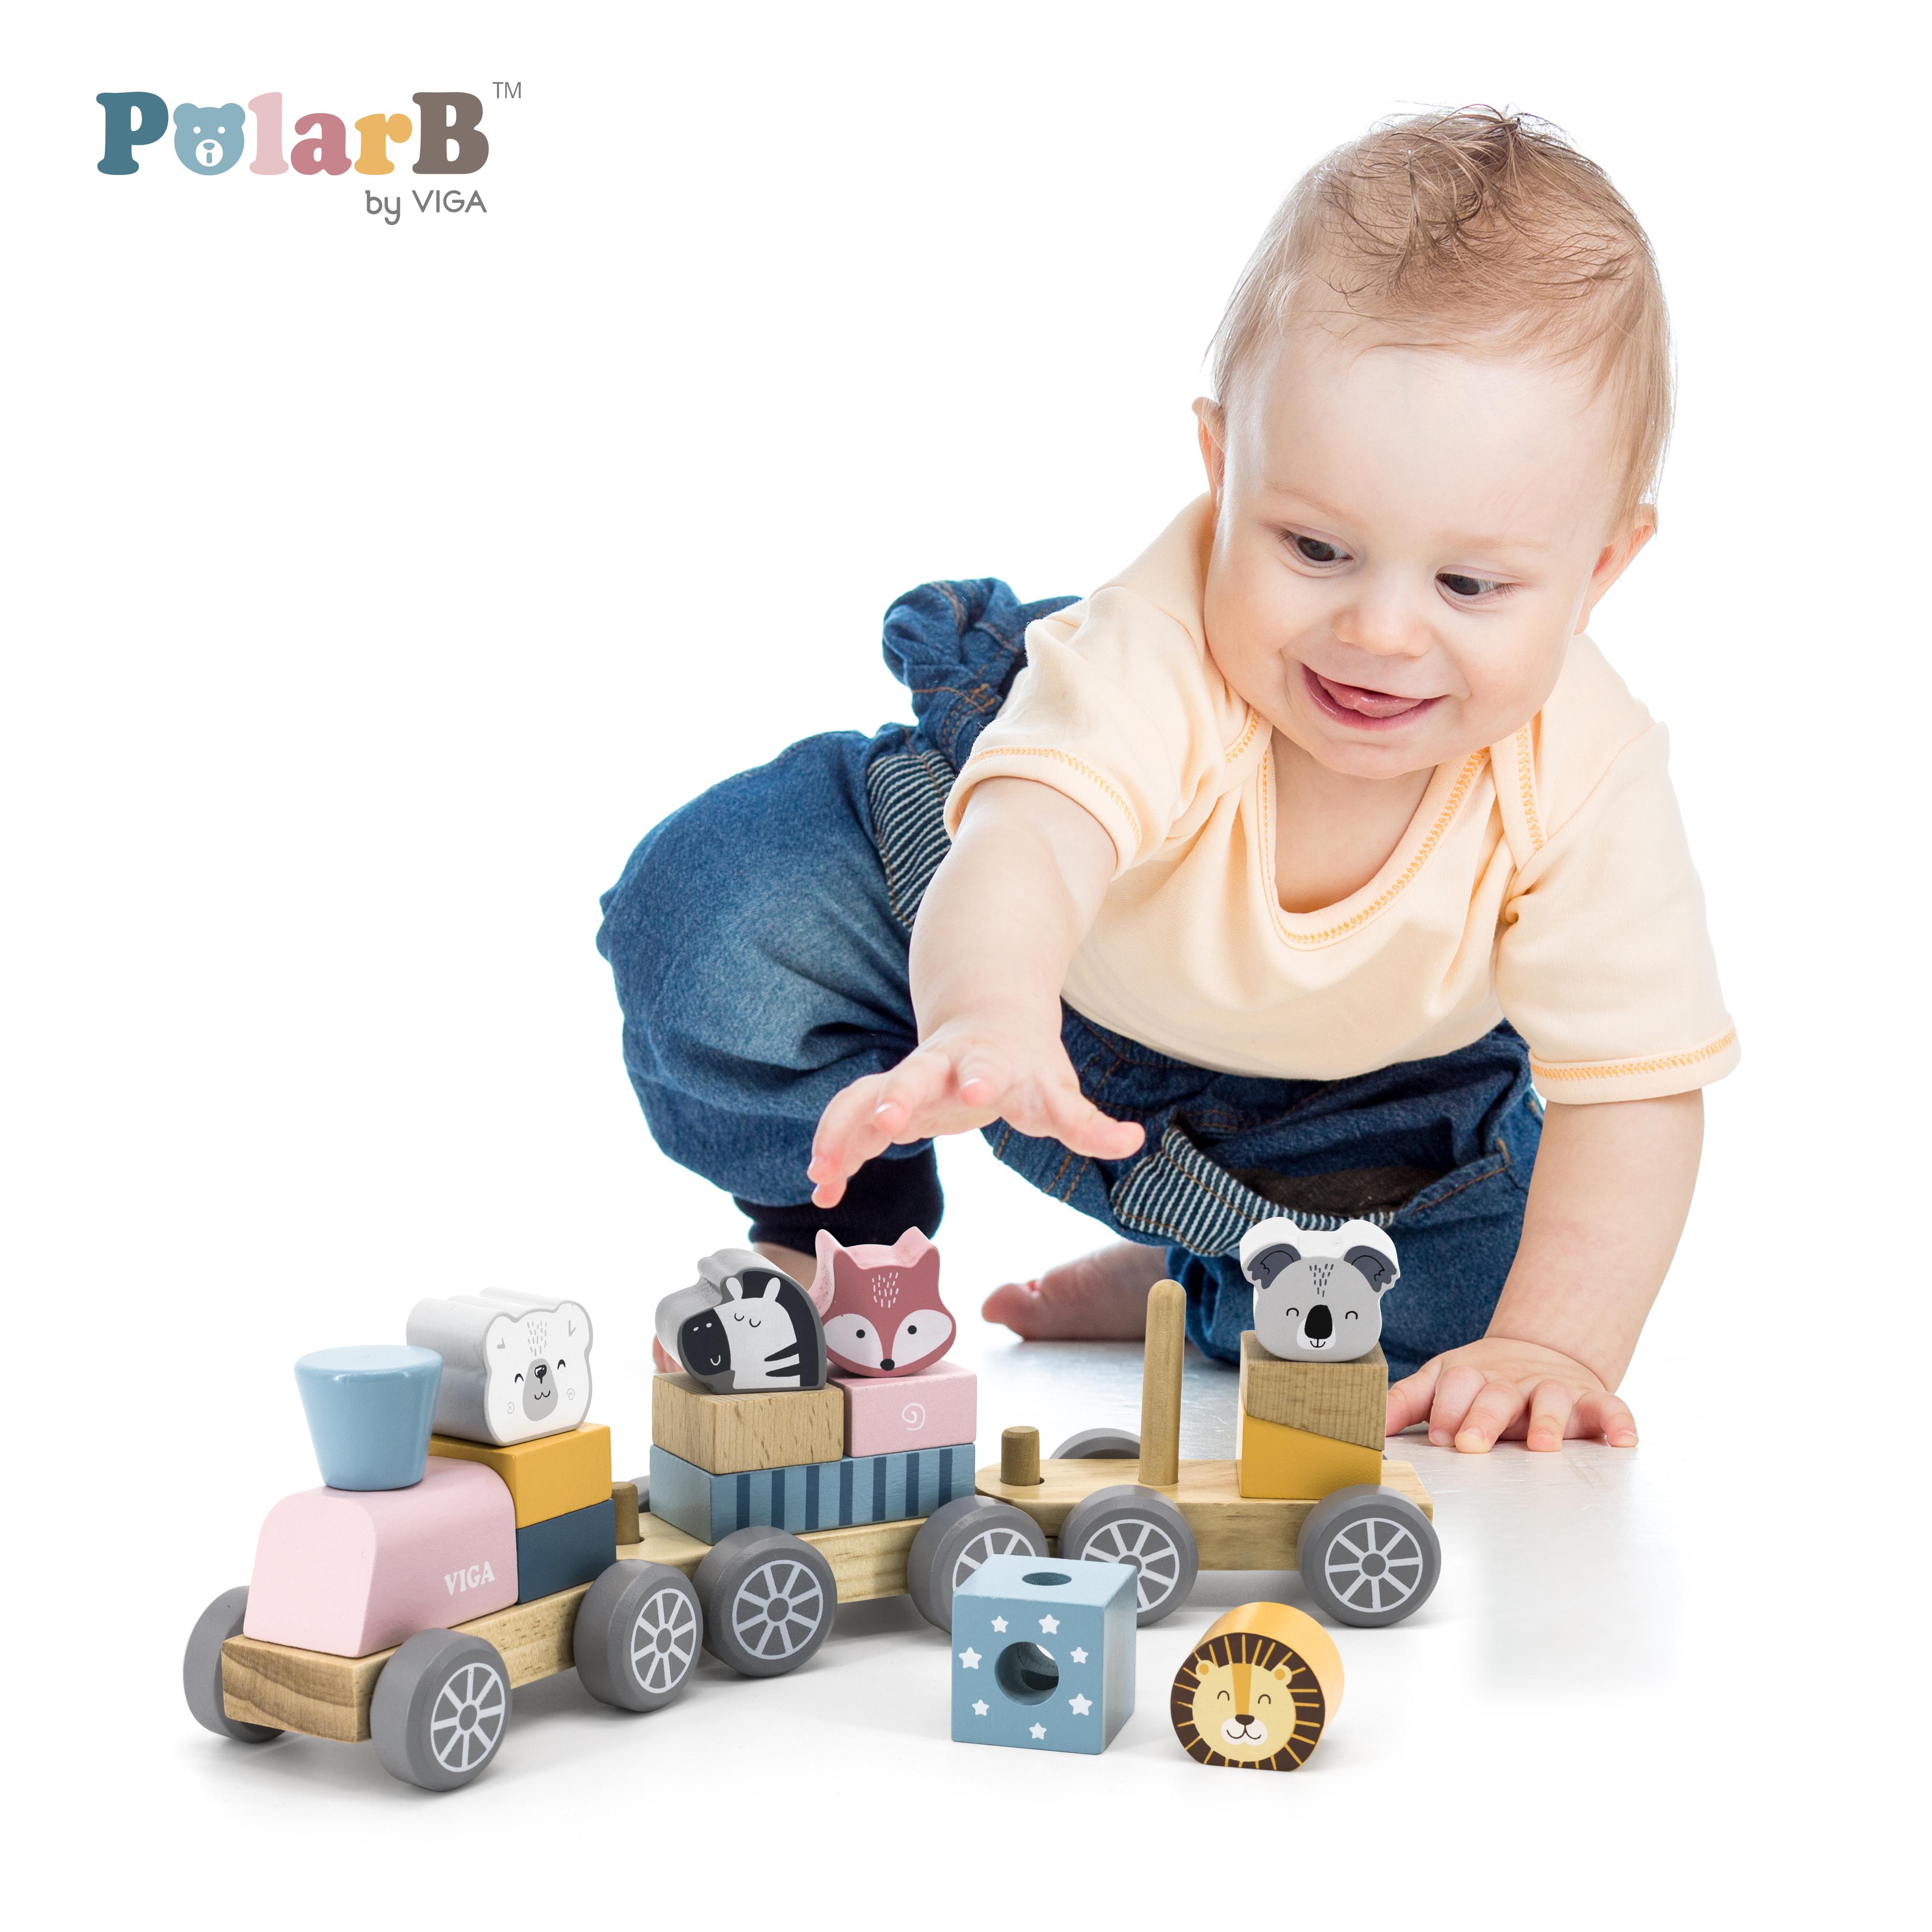 Дървено влакче и конструктор с животни PolarB от Viga toys-bellamiestore